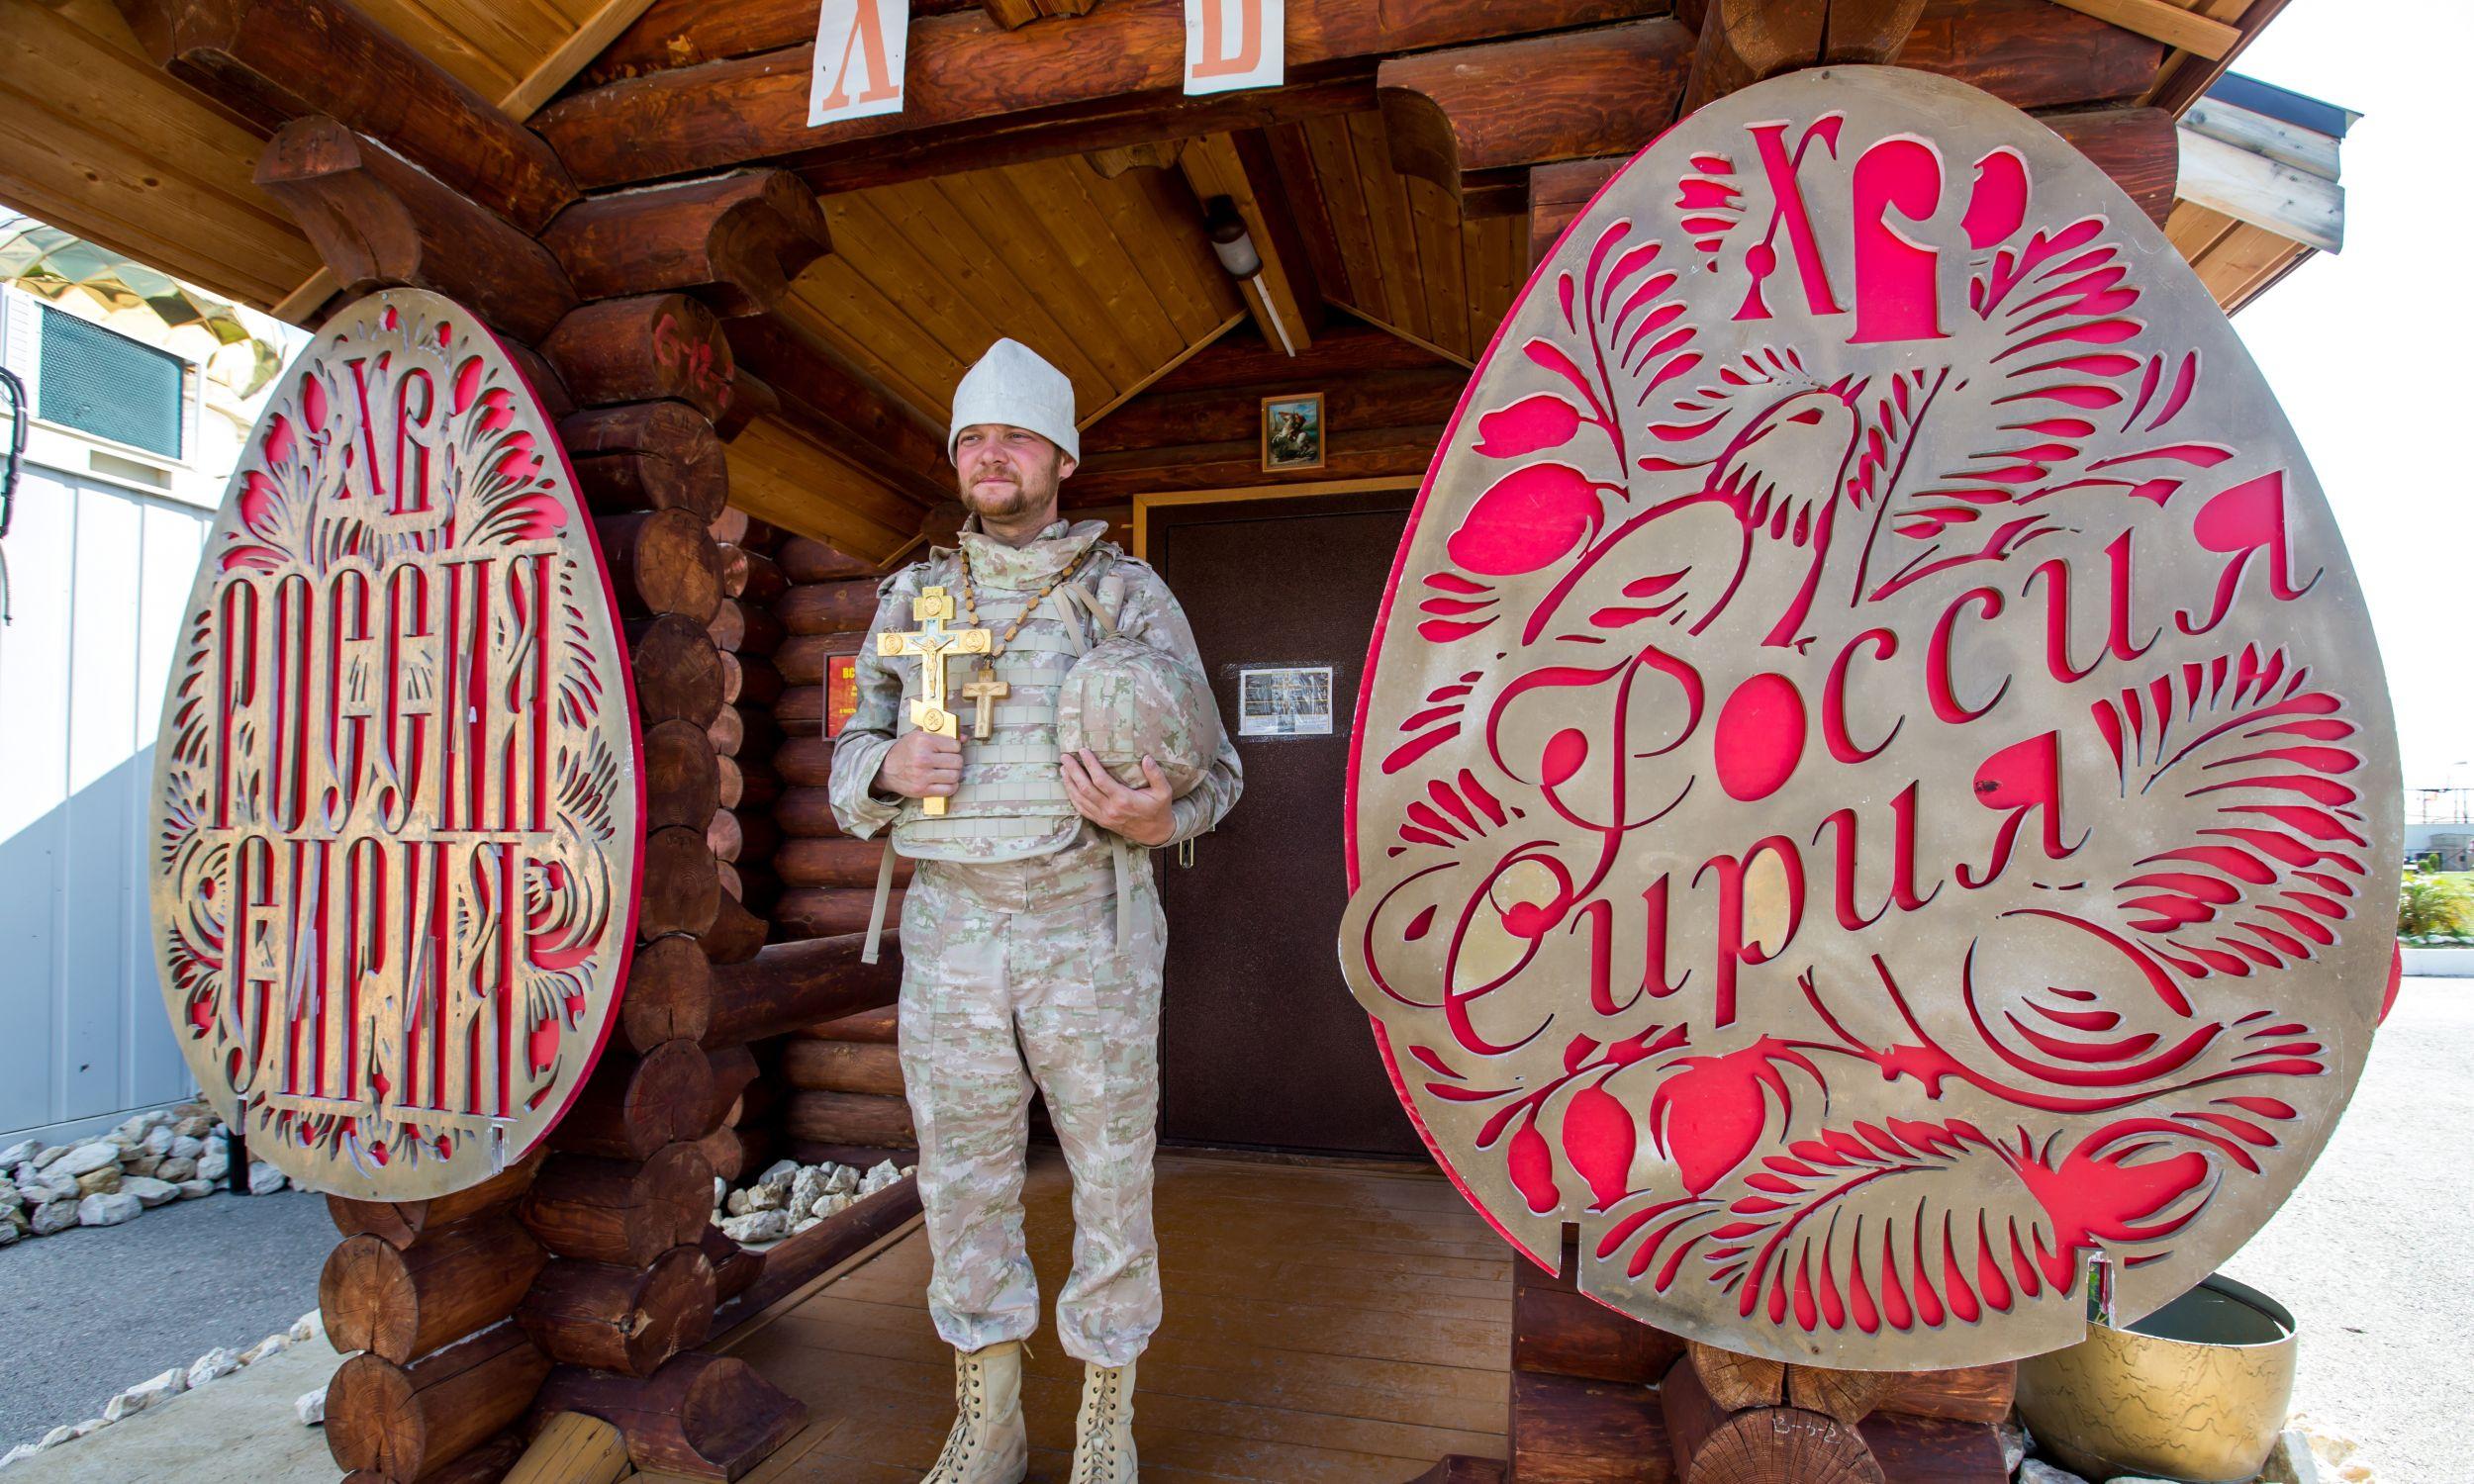 Pop z krucyfiksem przed kaplicą w rosyjskiej bazie wojskowej w Hmeimim. Fot. Getty Images/Marina Lystseva/TASS